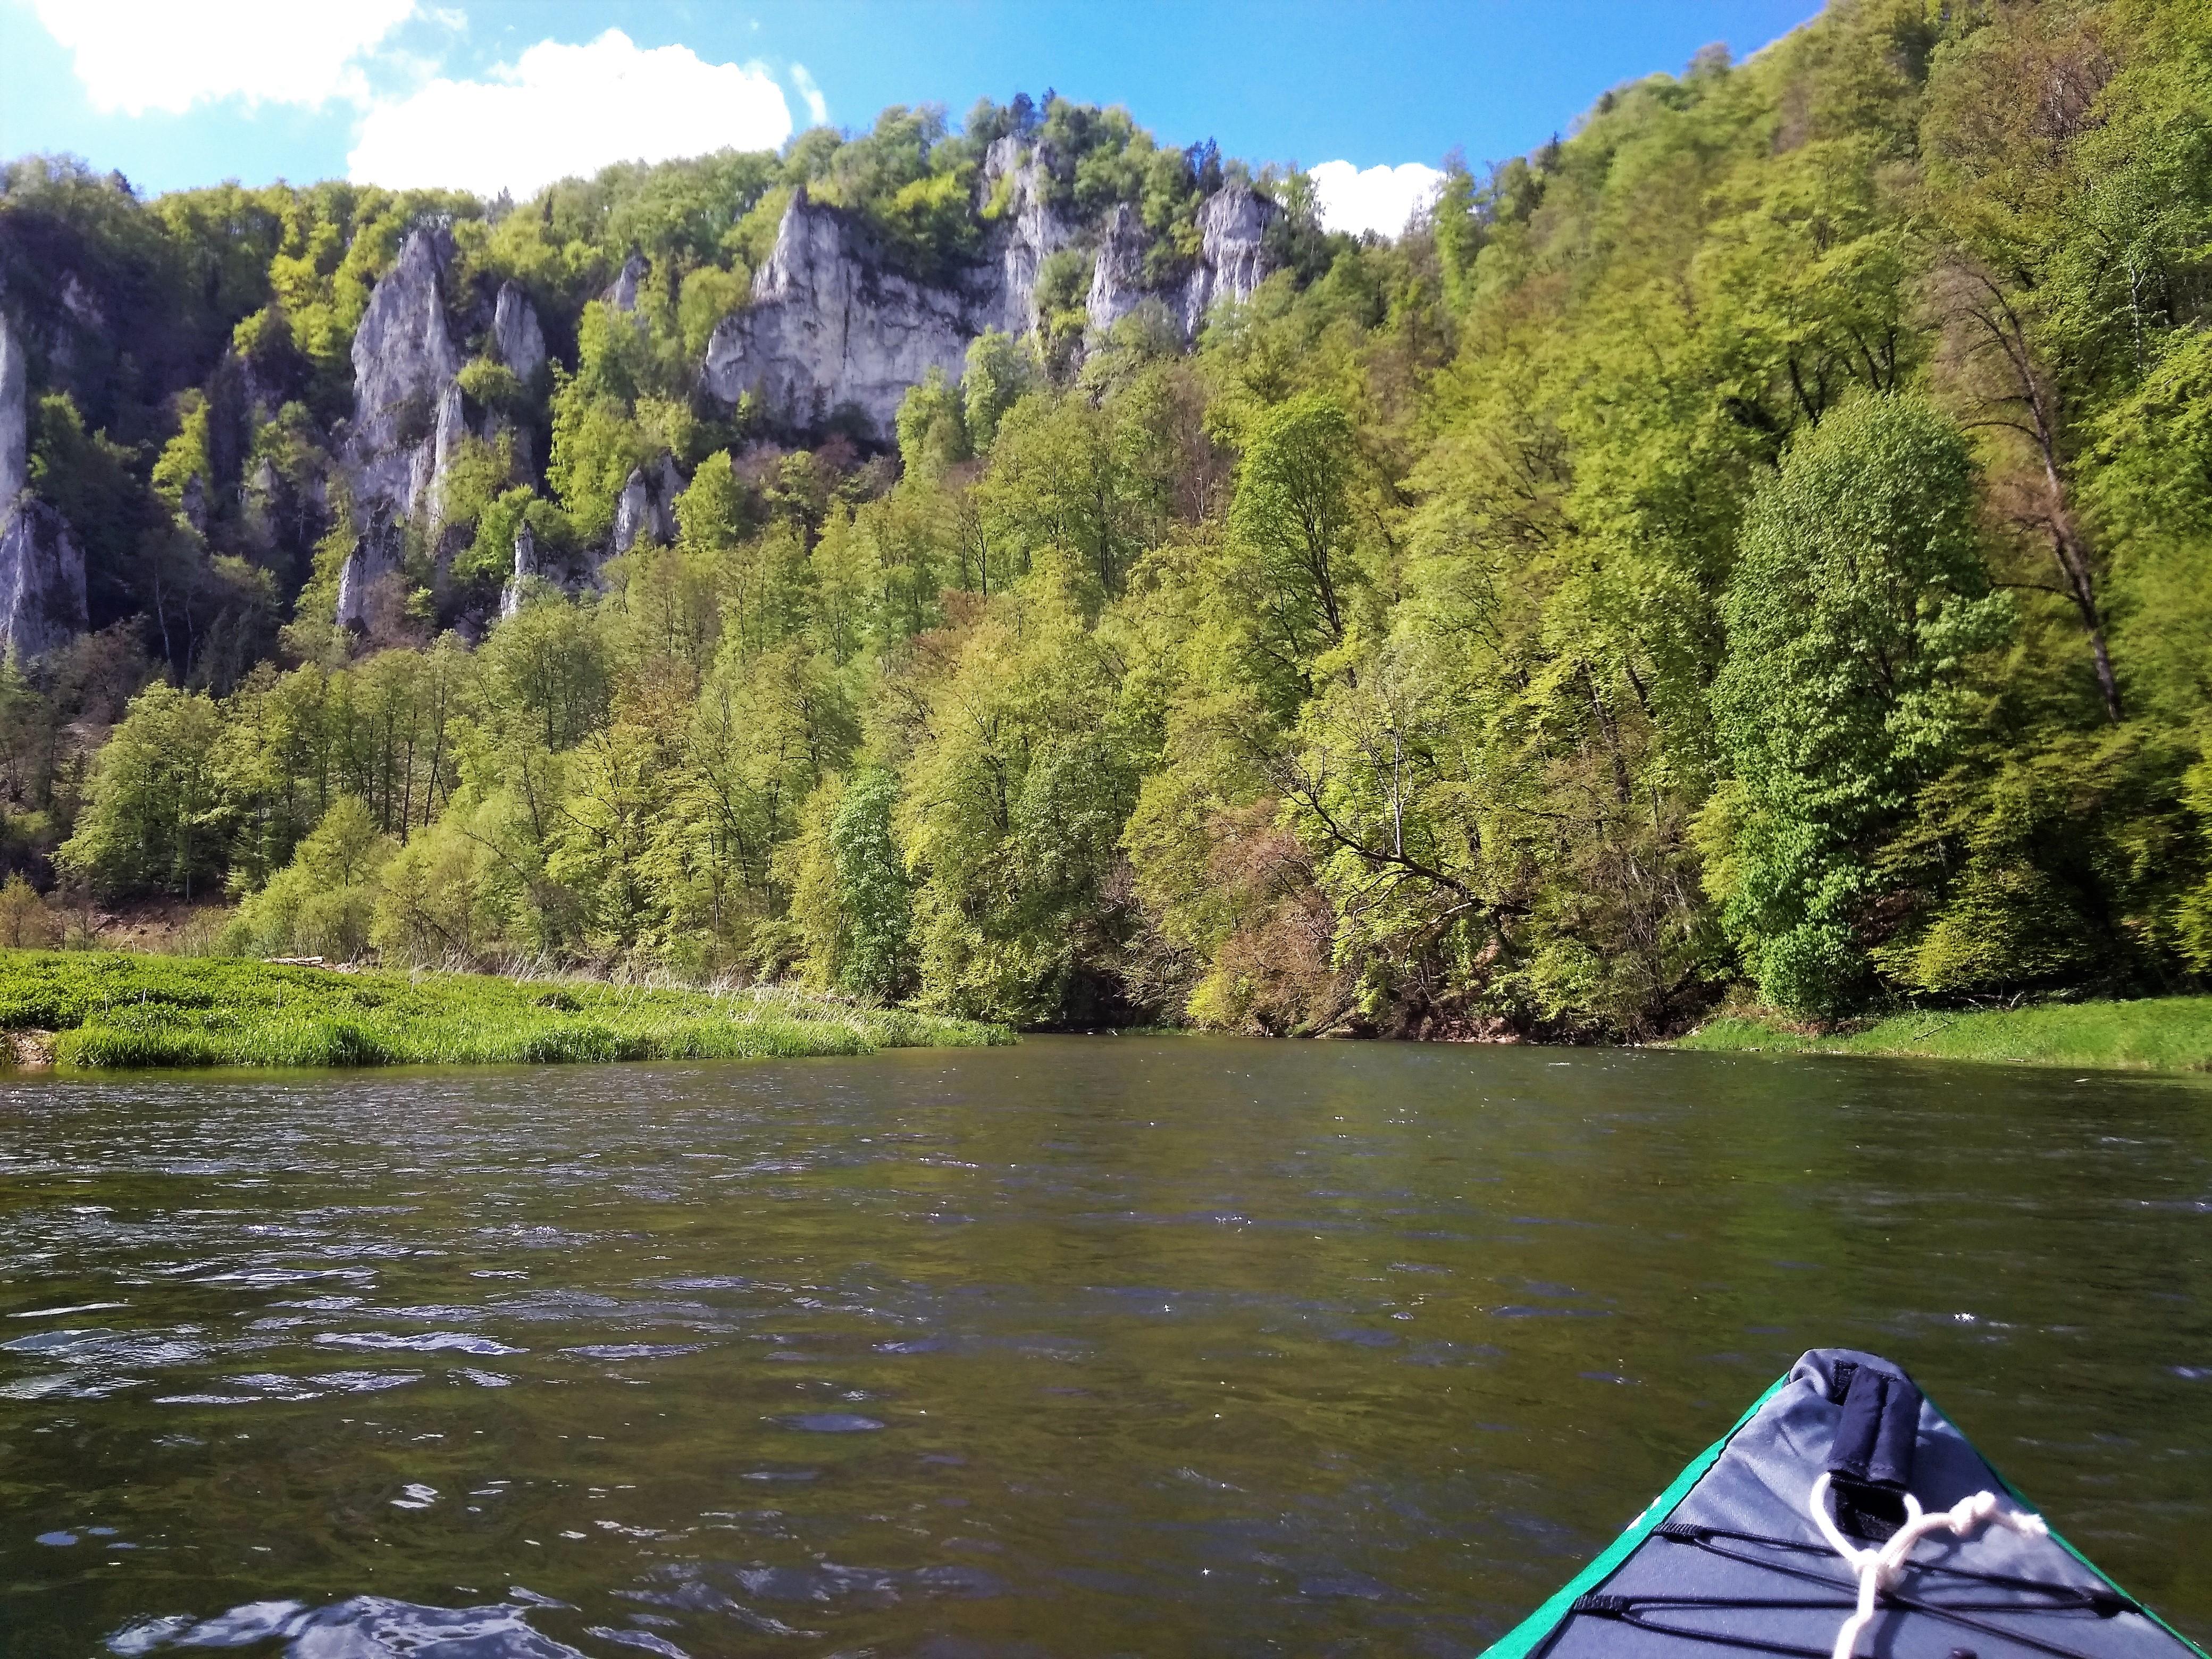 kayak trip day 4: Hausen im Tal to Sigmaringen Danube Donau river canoe paddling Germany Baden-Württemberg